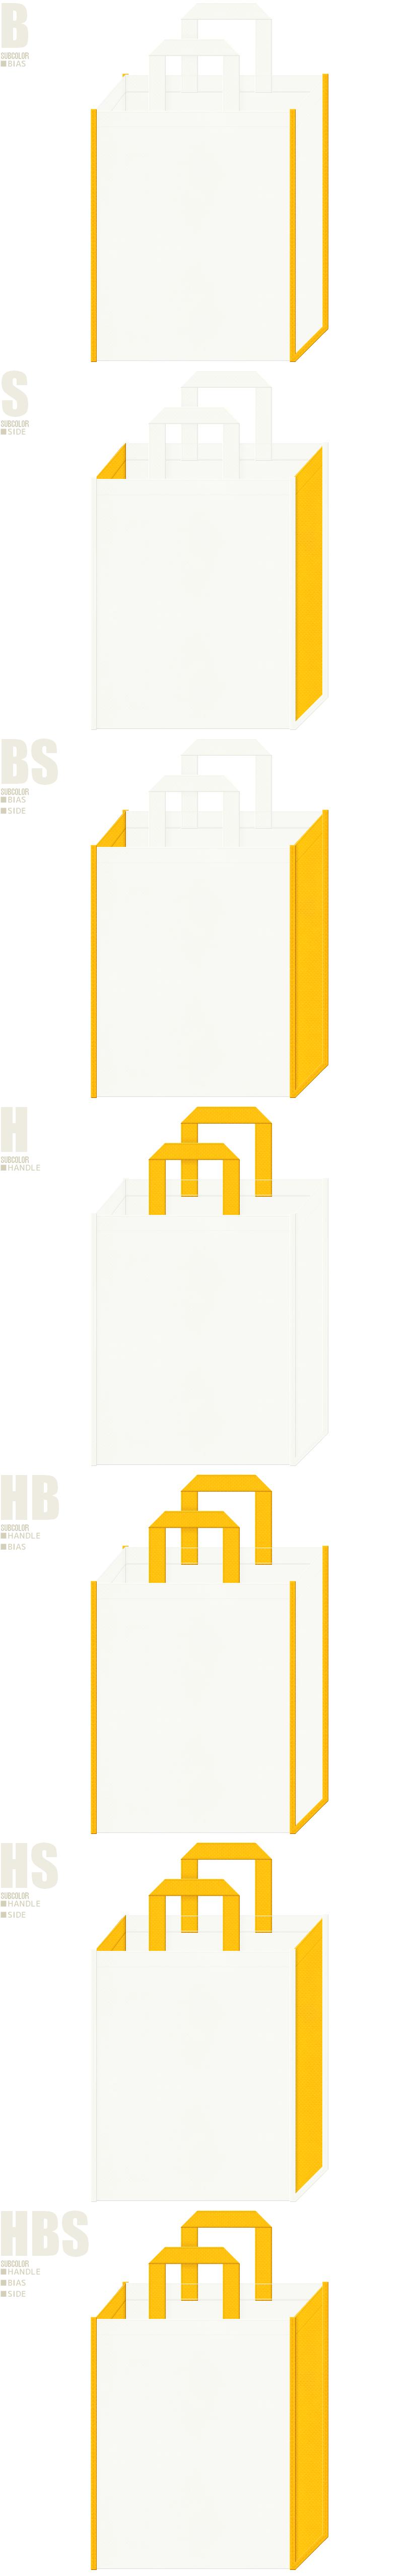 たまご・スクランブルエッグ・チーズ・バター・乳製品・エンジェル・ムーン・スター・レモン・ビタミン・通園バッグ・交通安全・キッズイベント・電気・エネルギー・通信機器の展示会用バッグにお奨めの不織布バッグデザイン:オフホワイト色と黄色の不織布バッグ配色7パターン